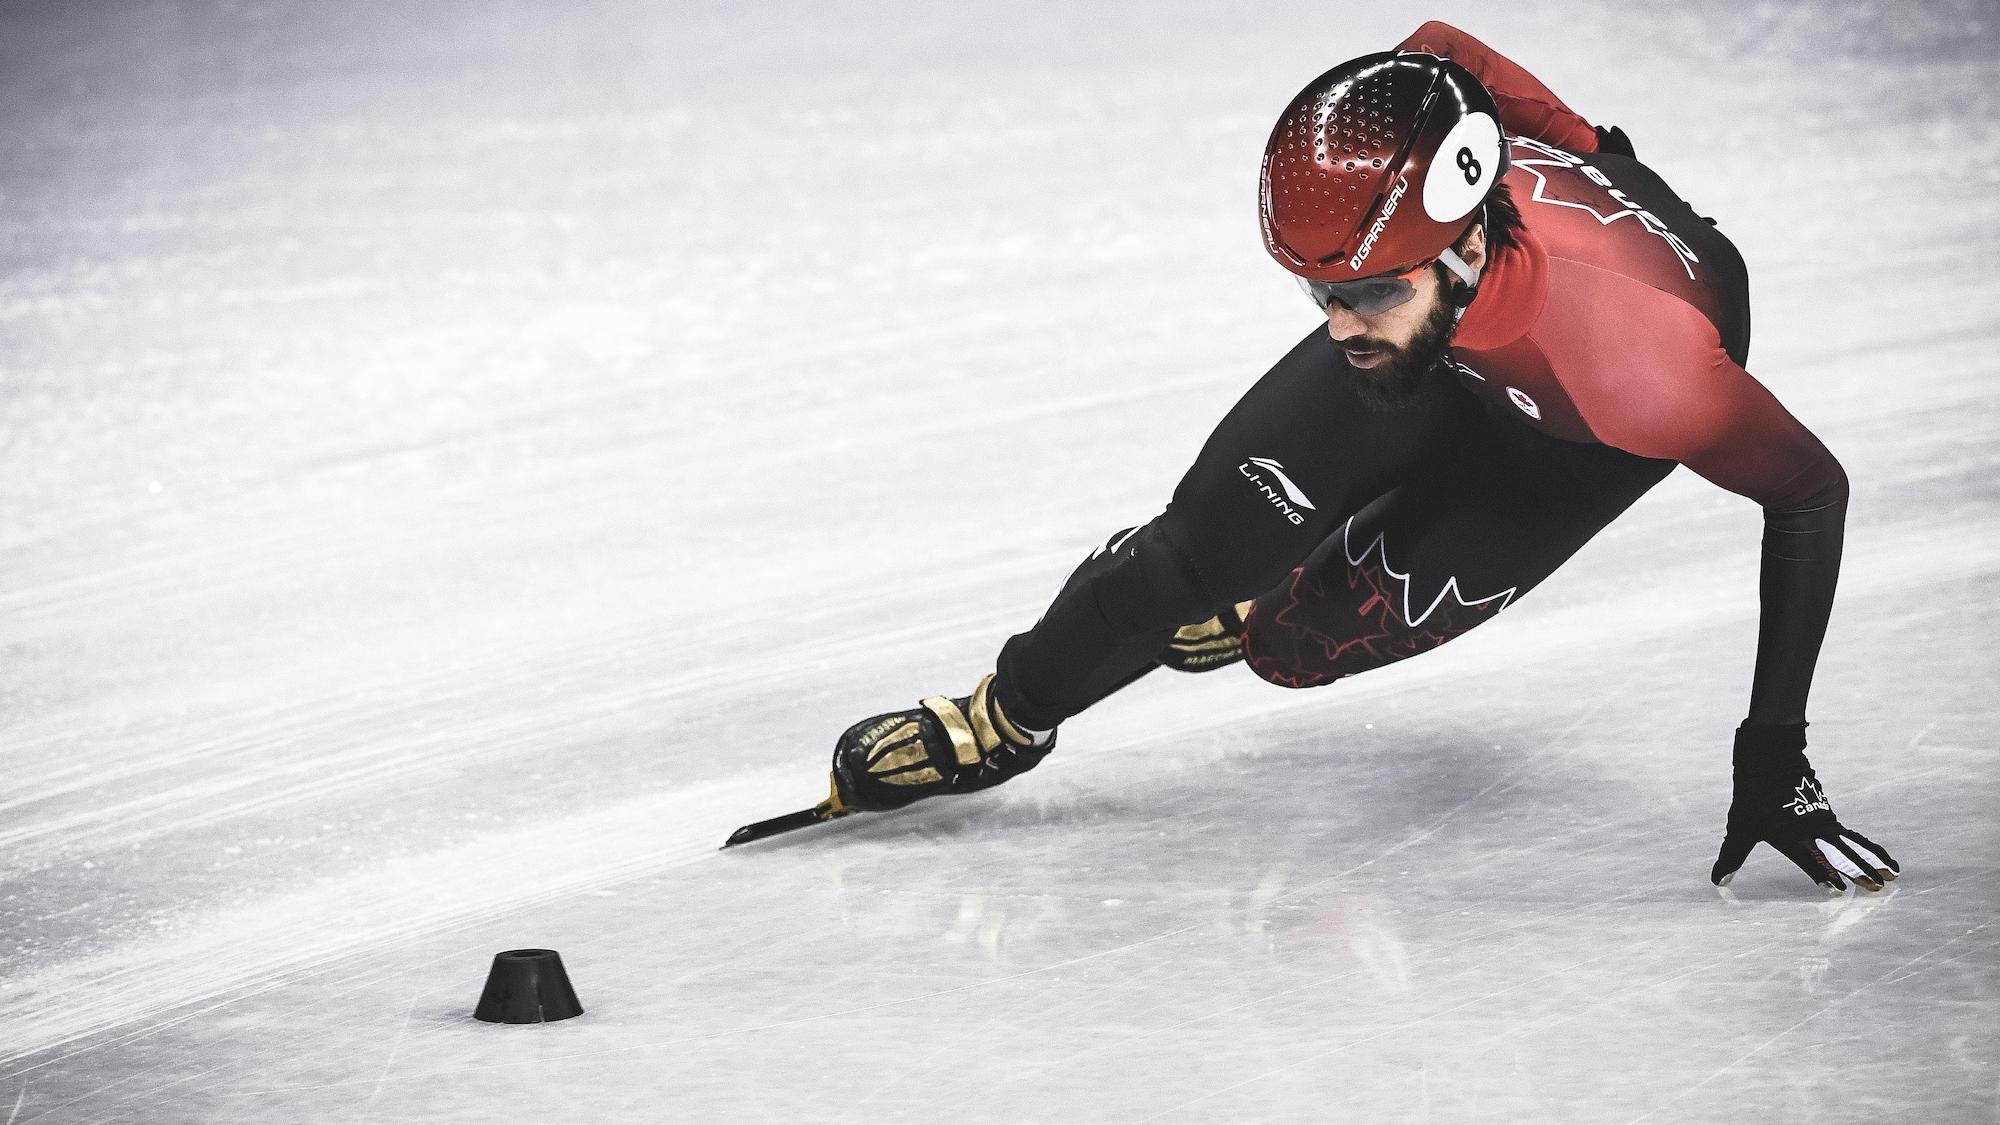 Le patineur de vitesse courte piste Charles Hamelin effectue un virage.